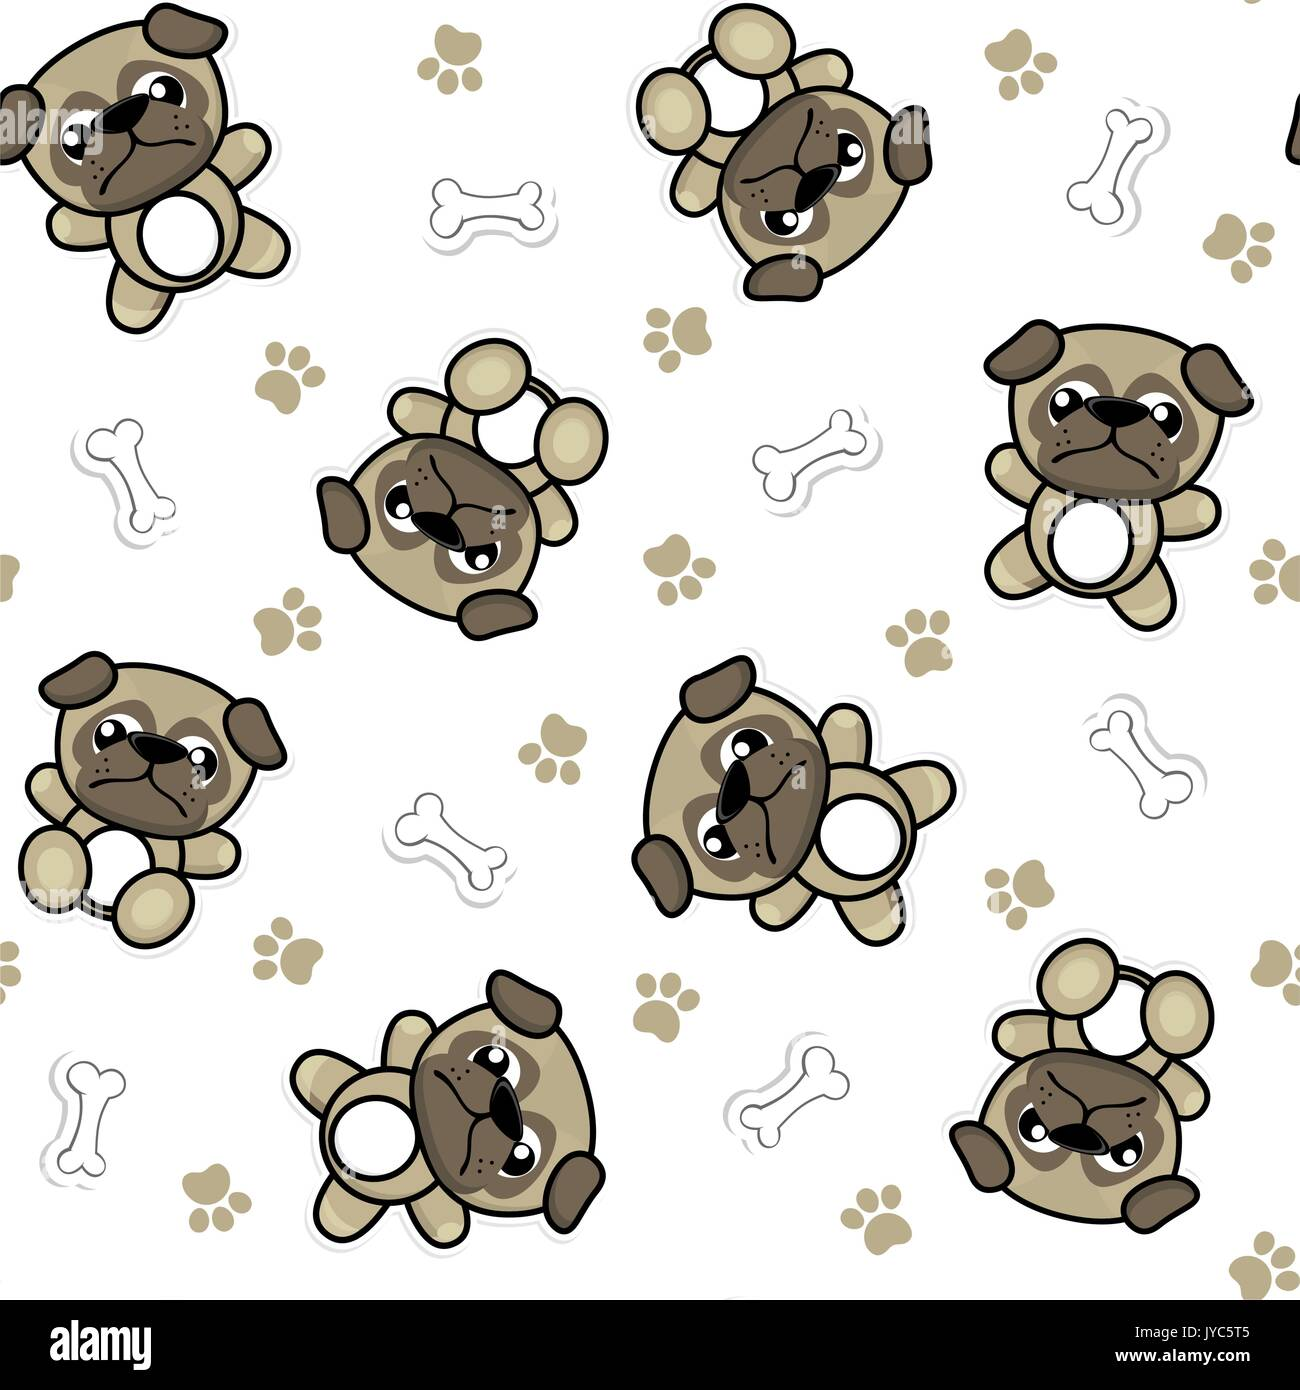 Nahtlose Muster Der Lustige Baby Mops Hunde Und Welpen Elemente Die